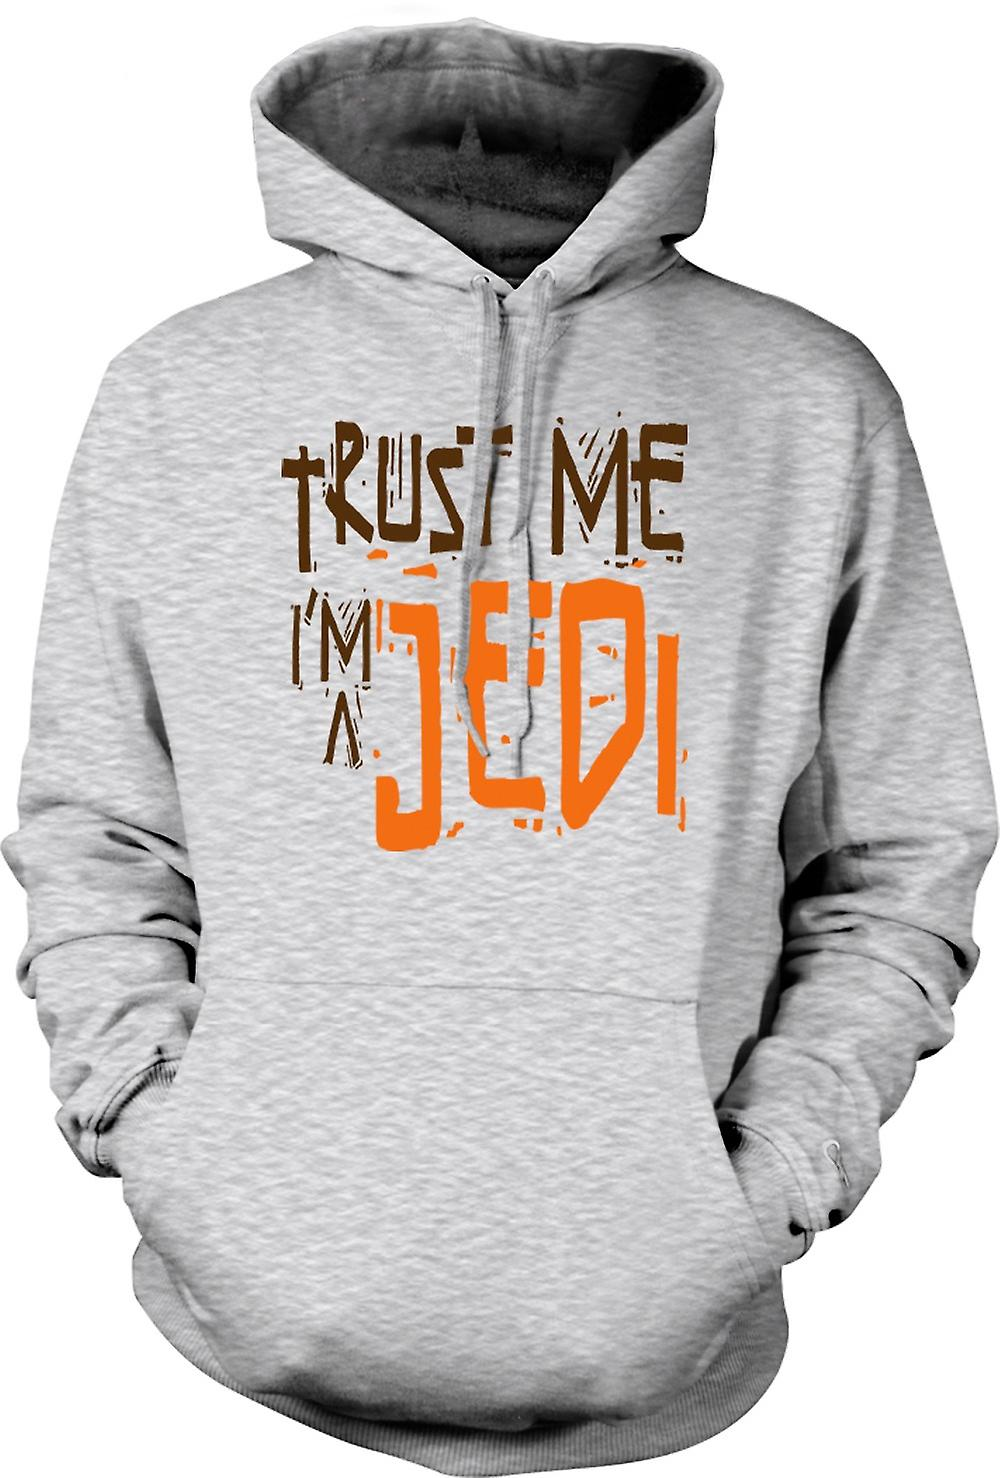 Mens Hoodie - Trust Me I'm A Jedi - Funny